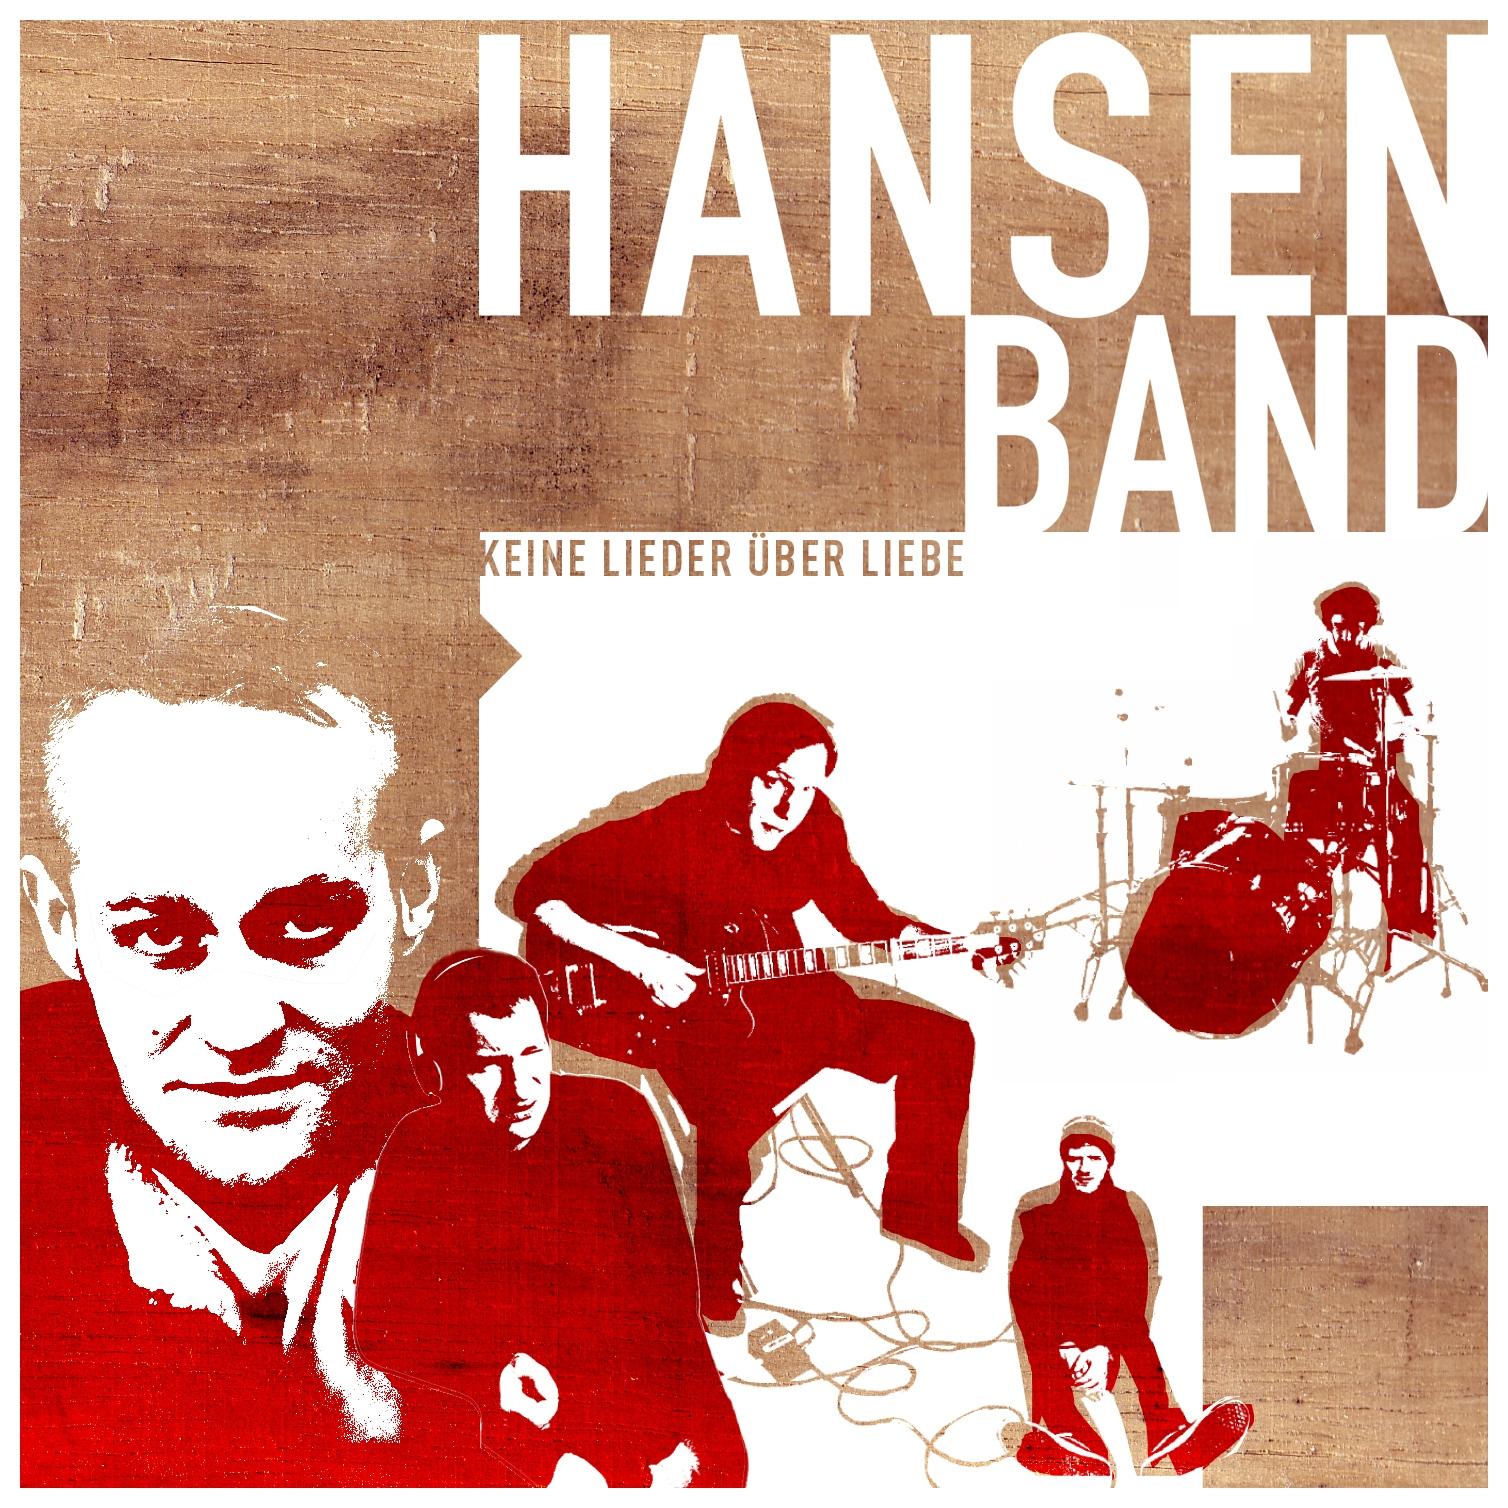 """Hansen Band - """"Keine Lieder über Liebe"""""""